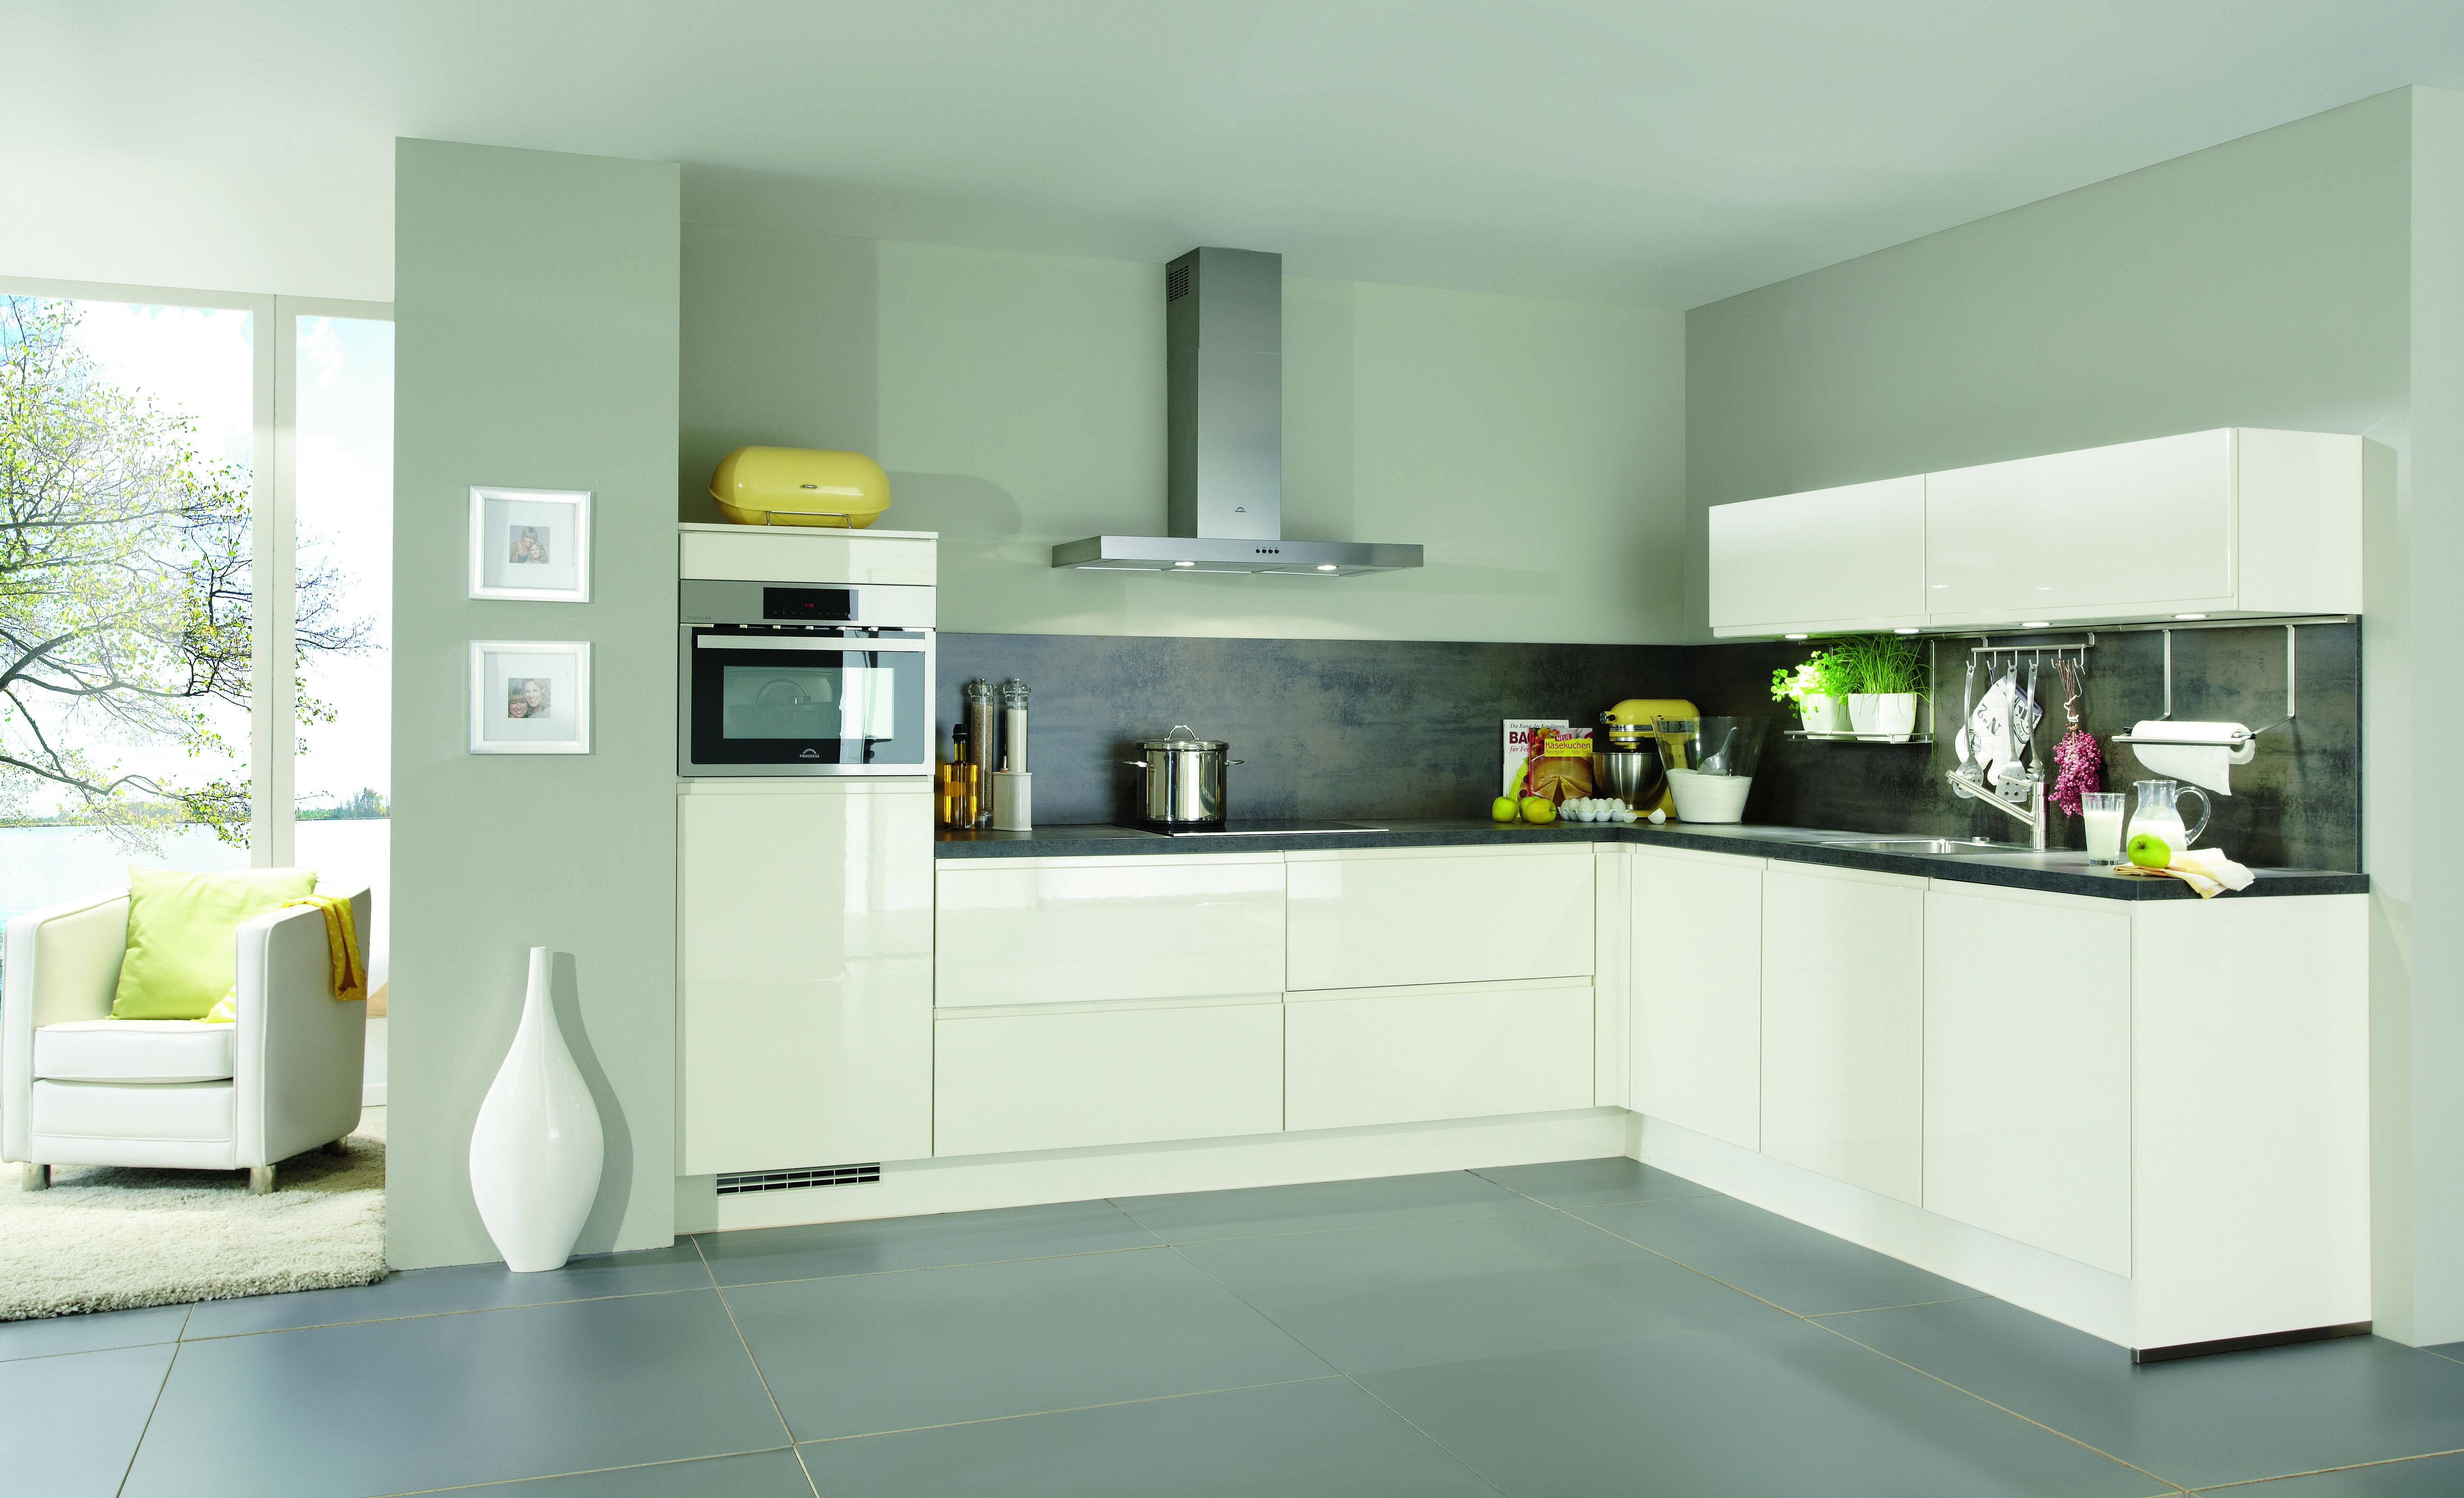 Superb Prachtige moderne keuken van Bauformat Onze eigen keukens Pinterest